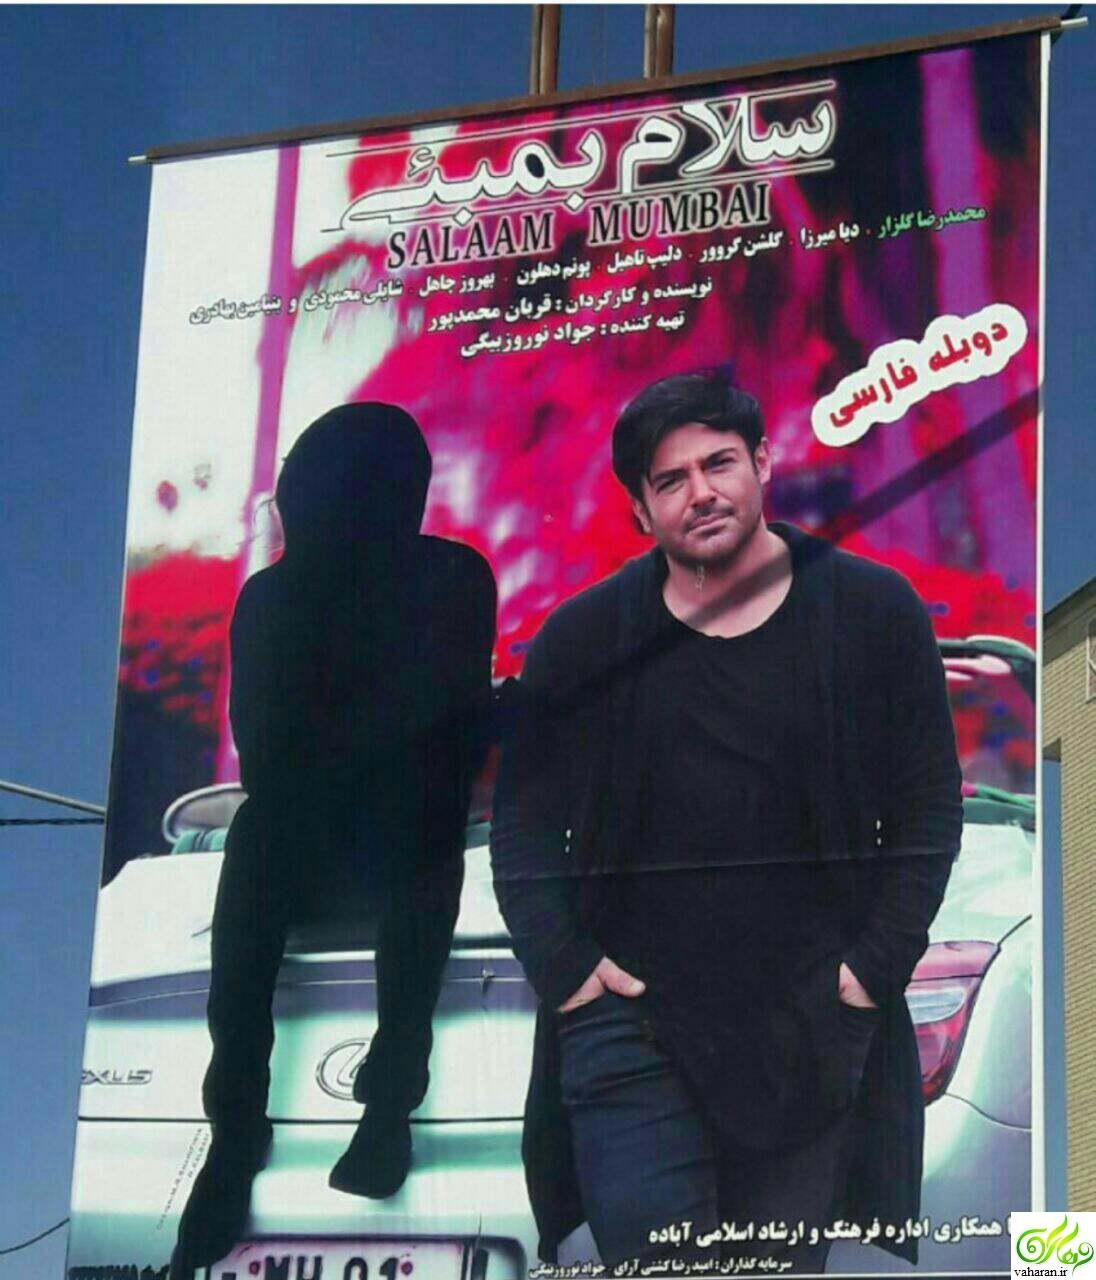 سانسور خنده دار عکس دیا میرزا در پوستر سلام بمبئی در یکی از شهرها + عکس